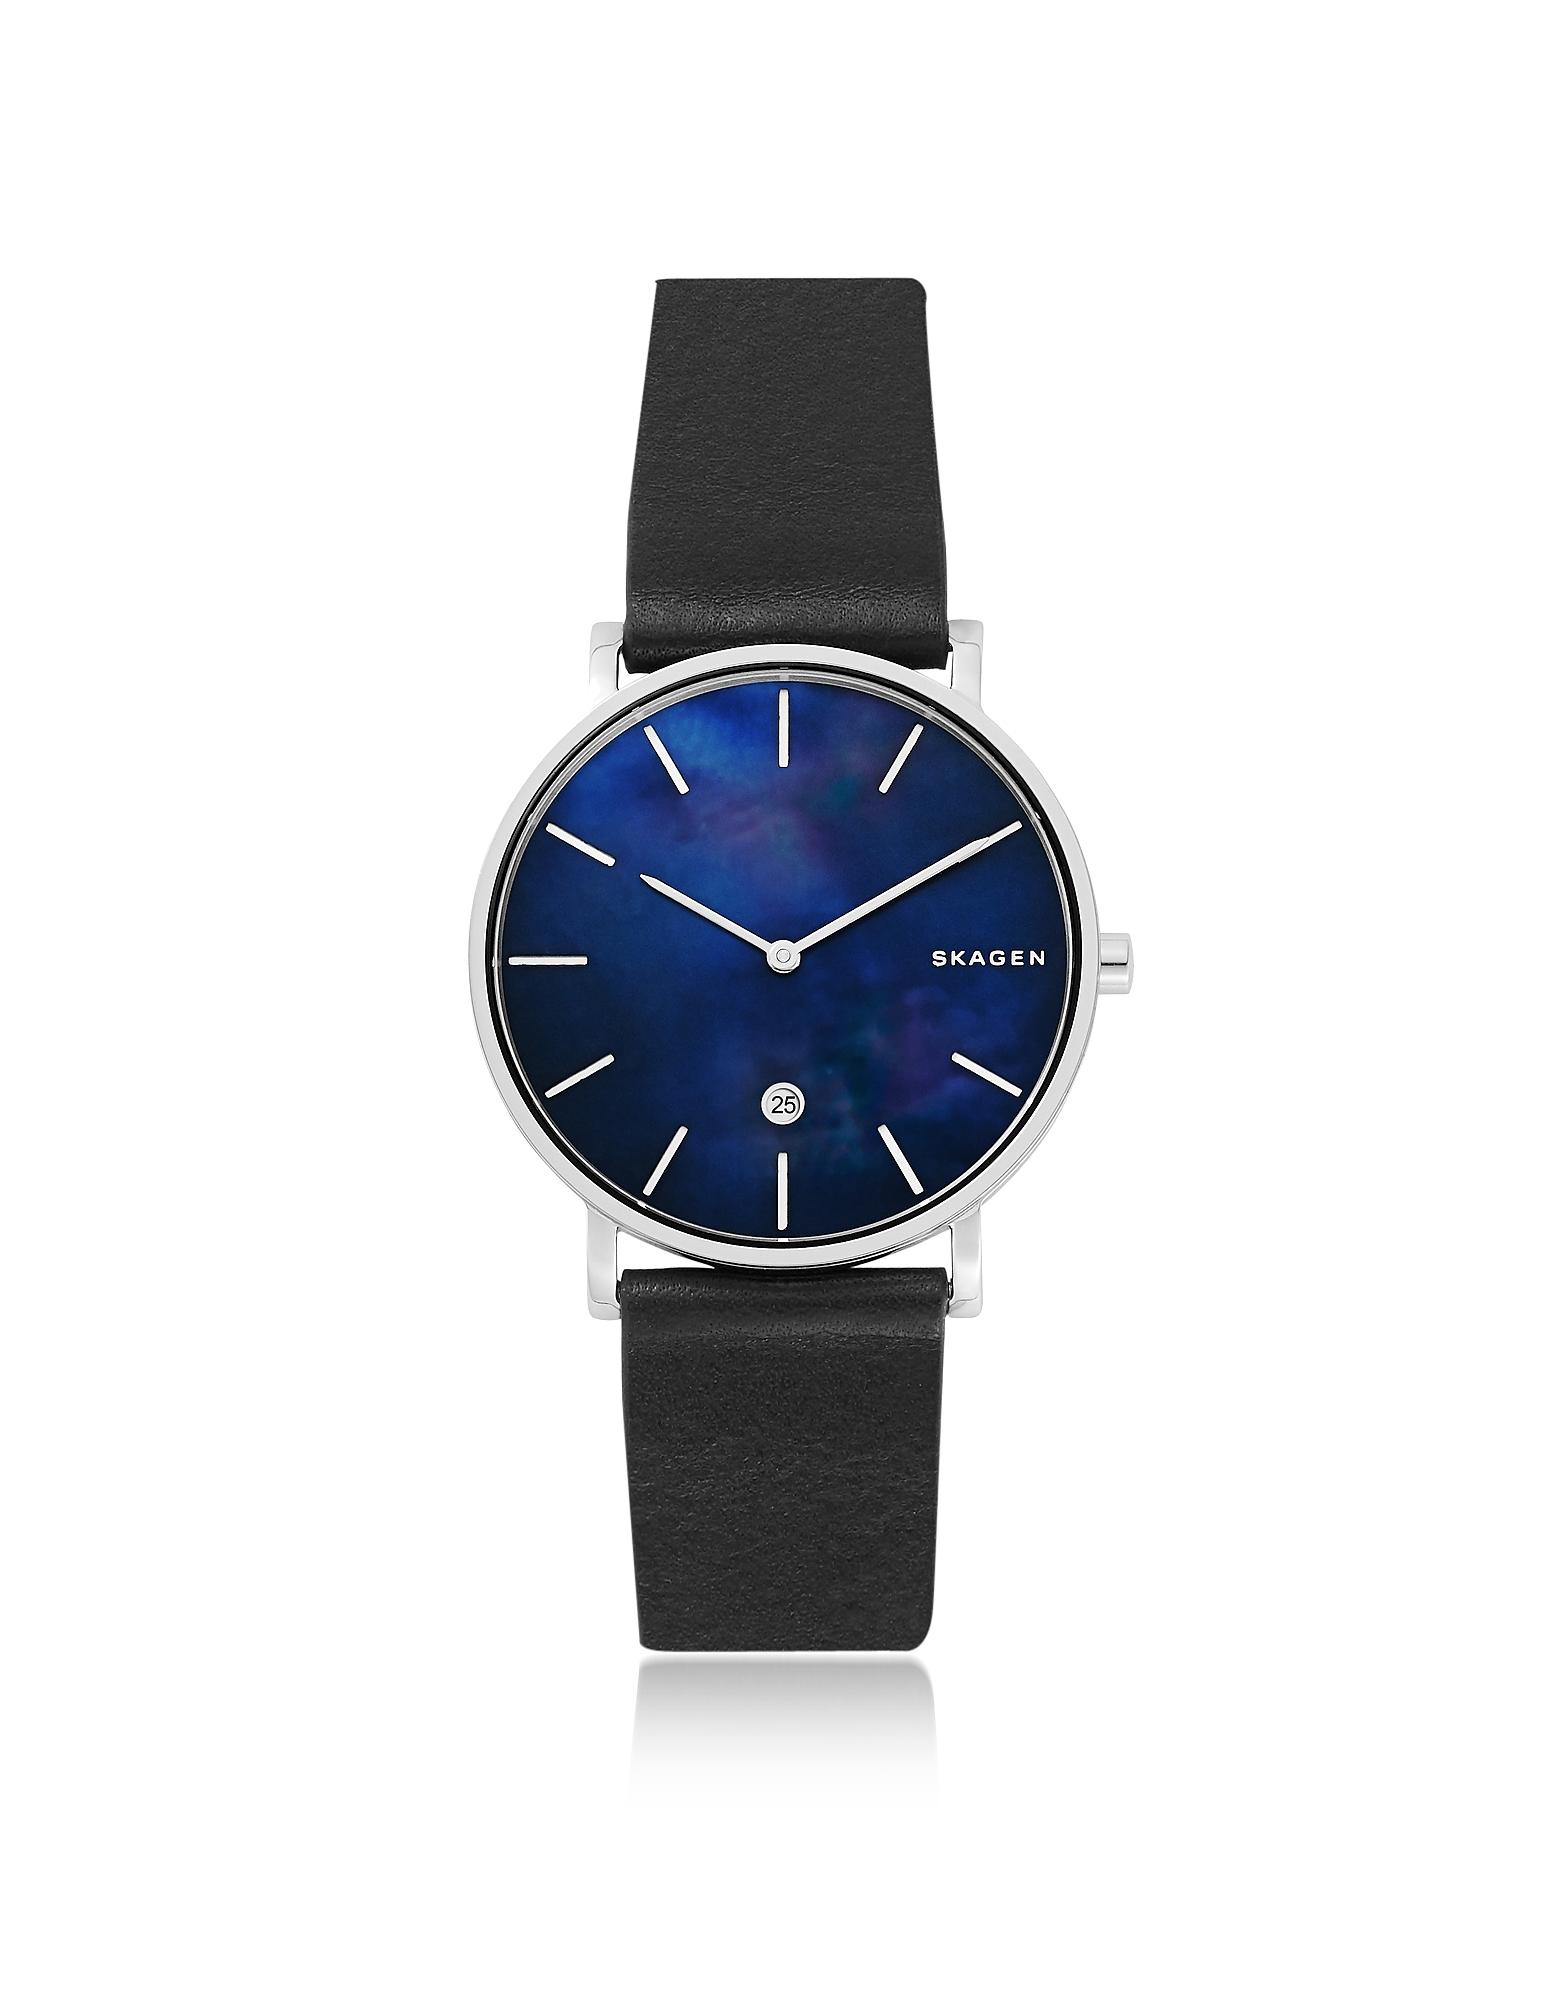 Hagen Slim Black Leather Watch